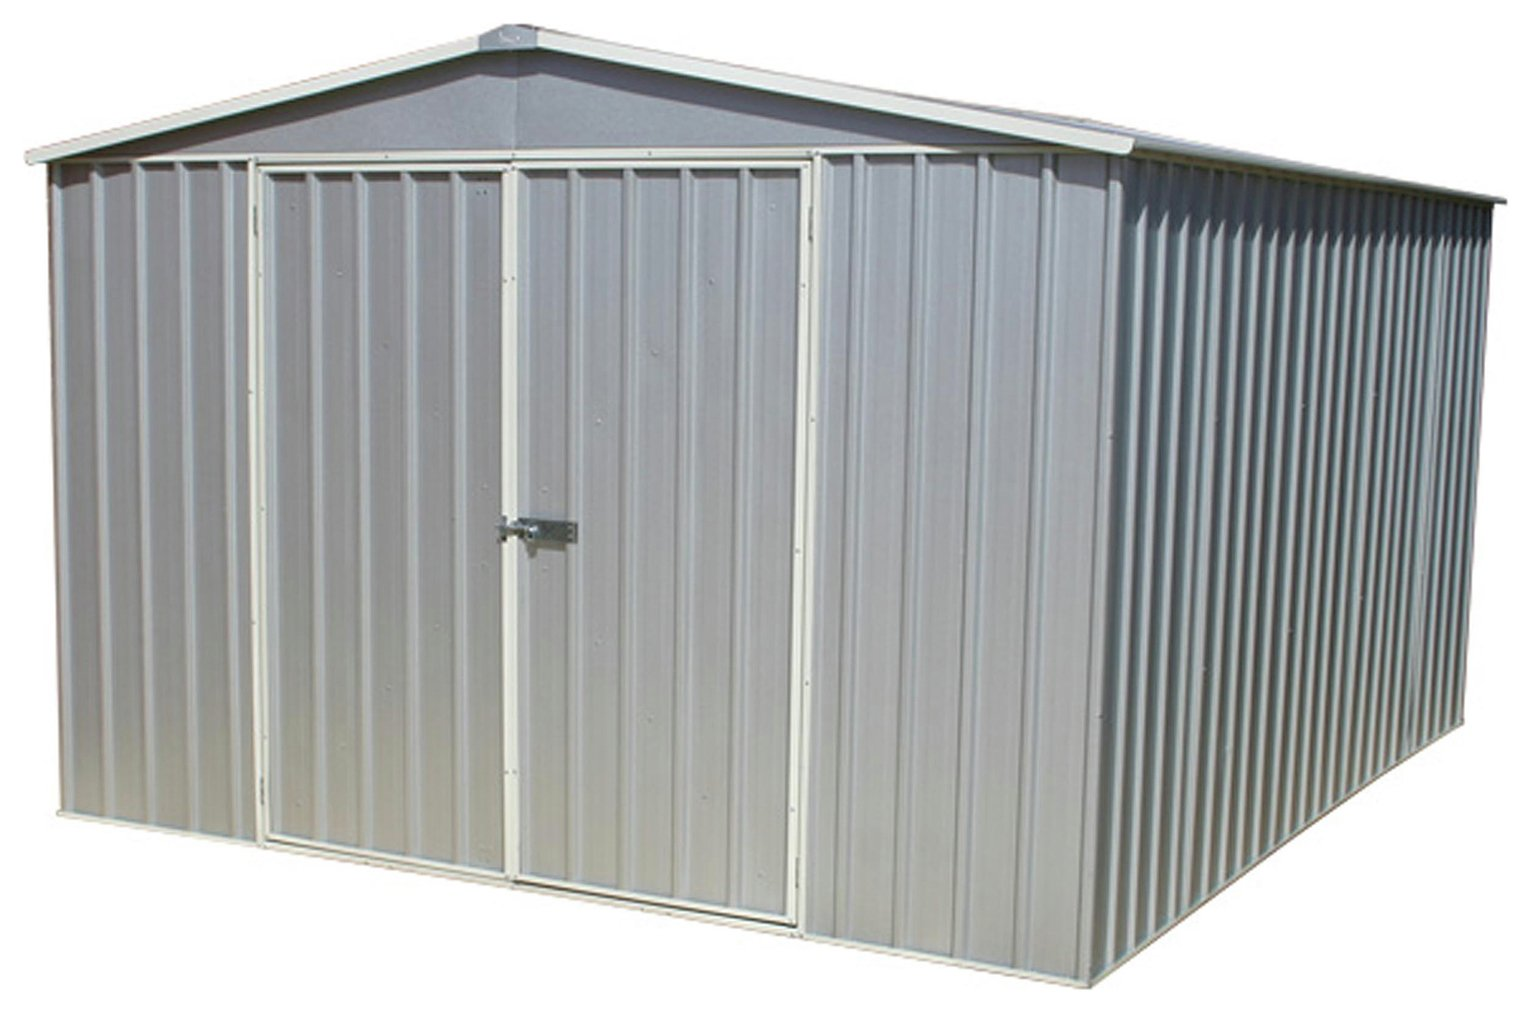 Mercia Absco Premier Titanium Metal Shed - 2 26 x 3m